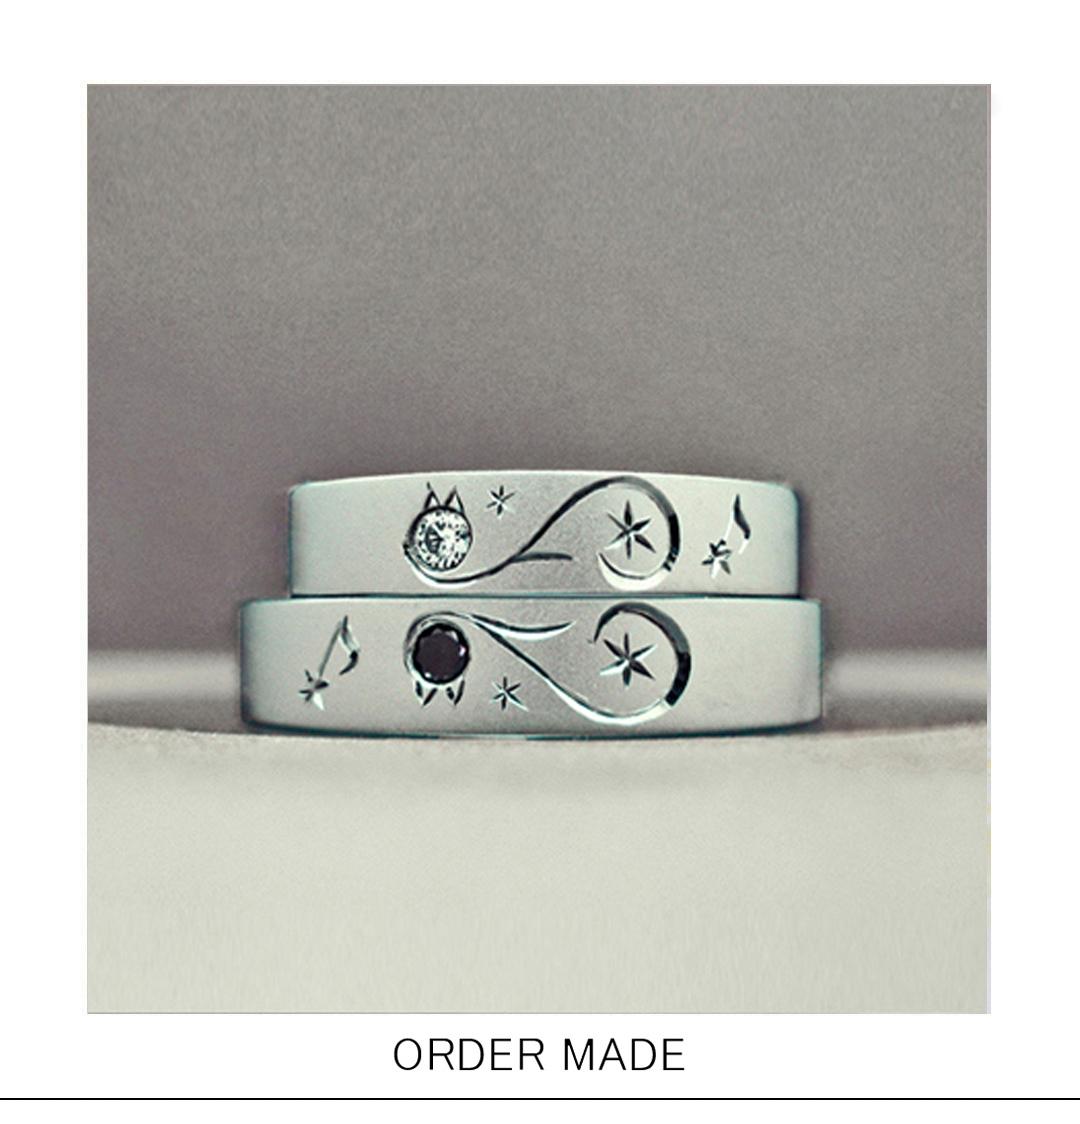 ブラック&ホワイトのネコがハートをつくる結婚指輪オーダー作品のサムネイル